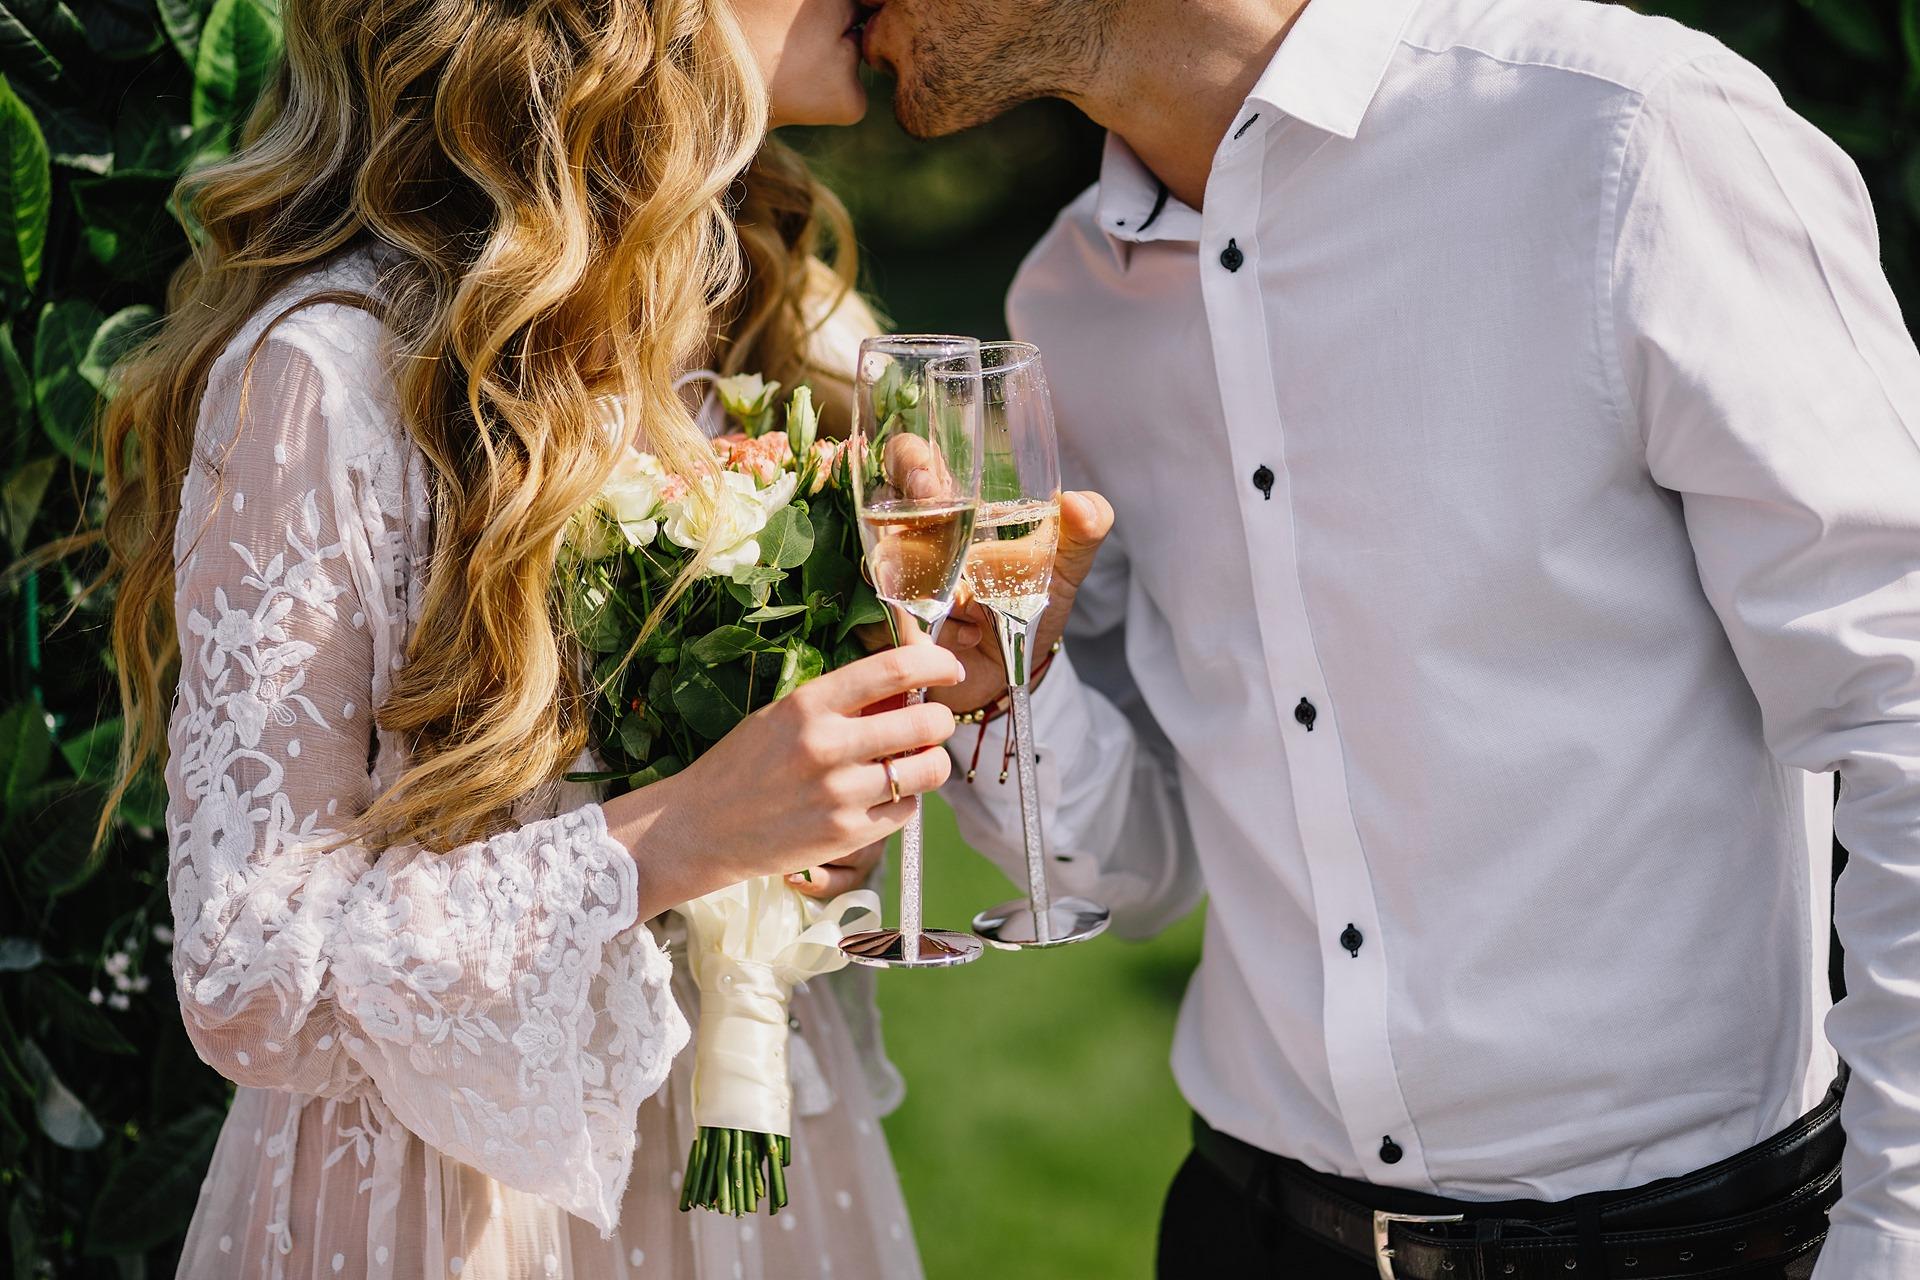 Wedding Villas, a memorable wedding experience.